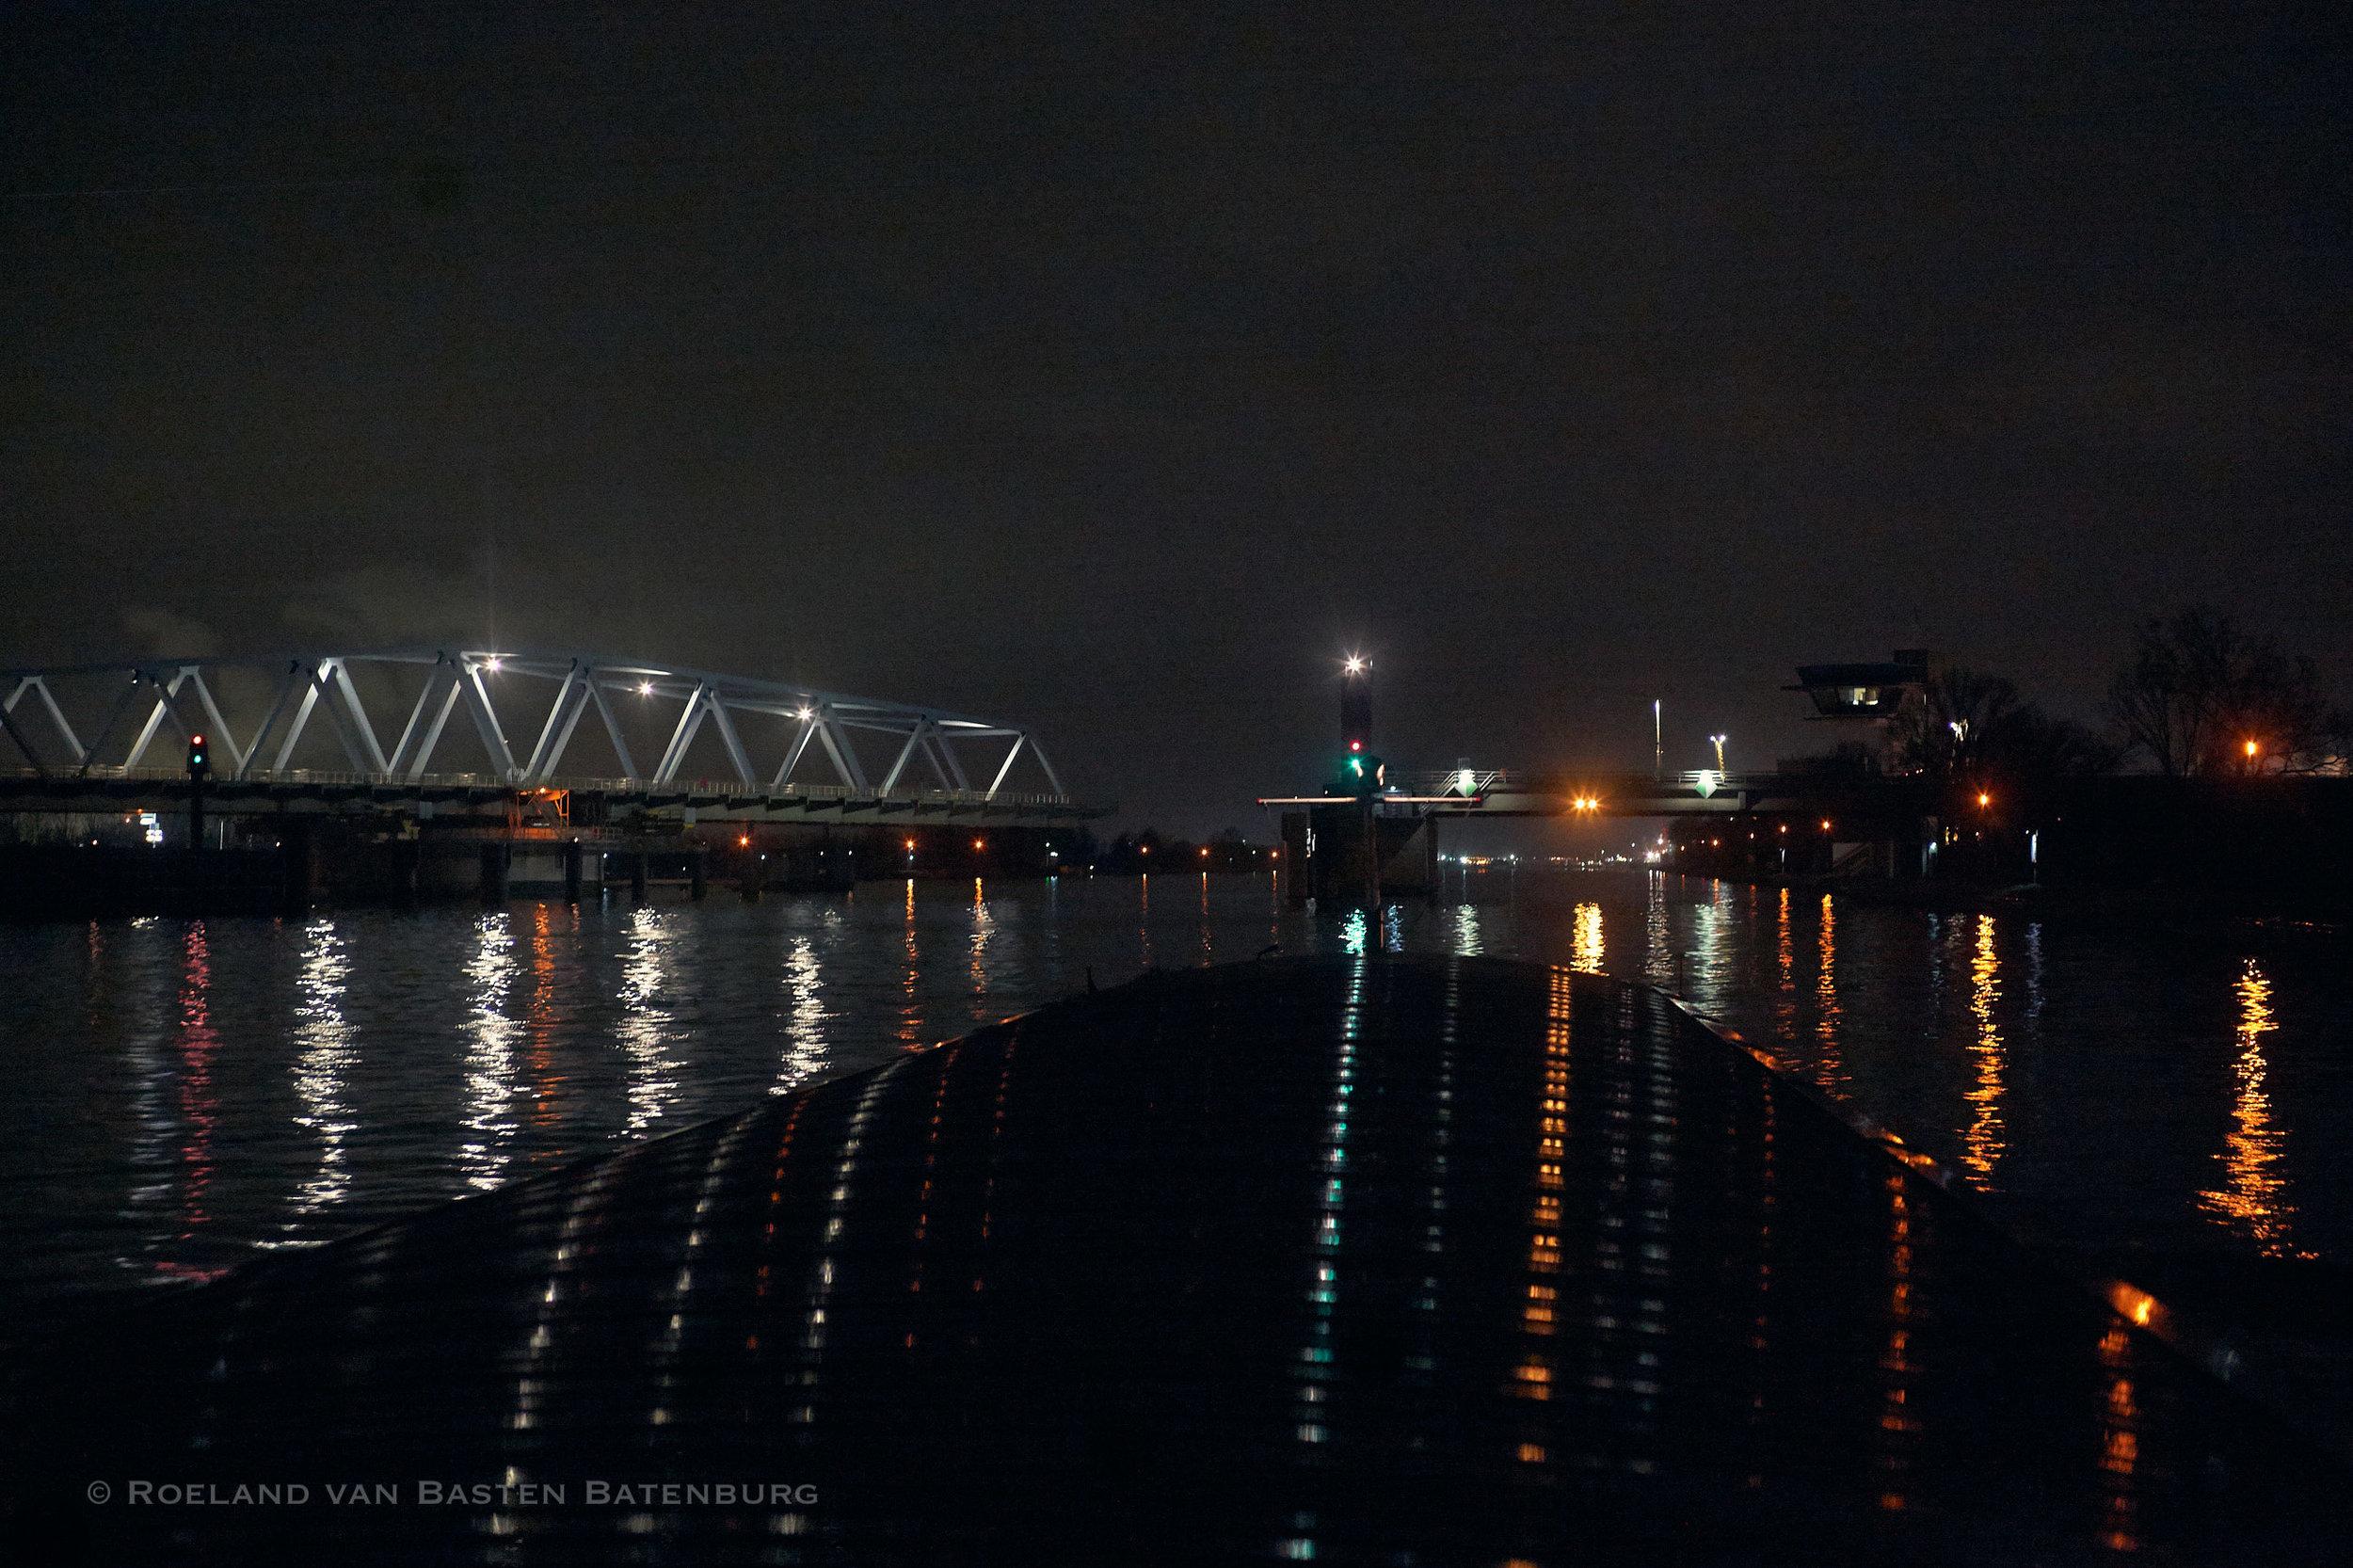 De brug bij Sluiskil. Er vaart een zeeschip achter ons dat door de brugopening zal gaan, de brug wordt al geopend. Andere schepen mogen dan niet door die opening. Voor ons geen probleem, wij nemen altijd de zij-overspanning aan stuurboord (met de dubbele gele lichten) en hoeven dus niet te wachten.